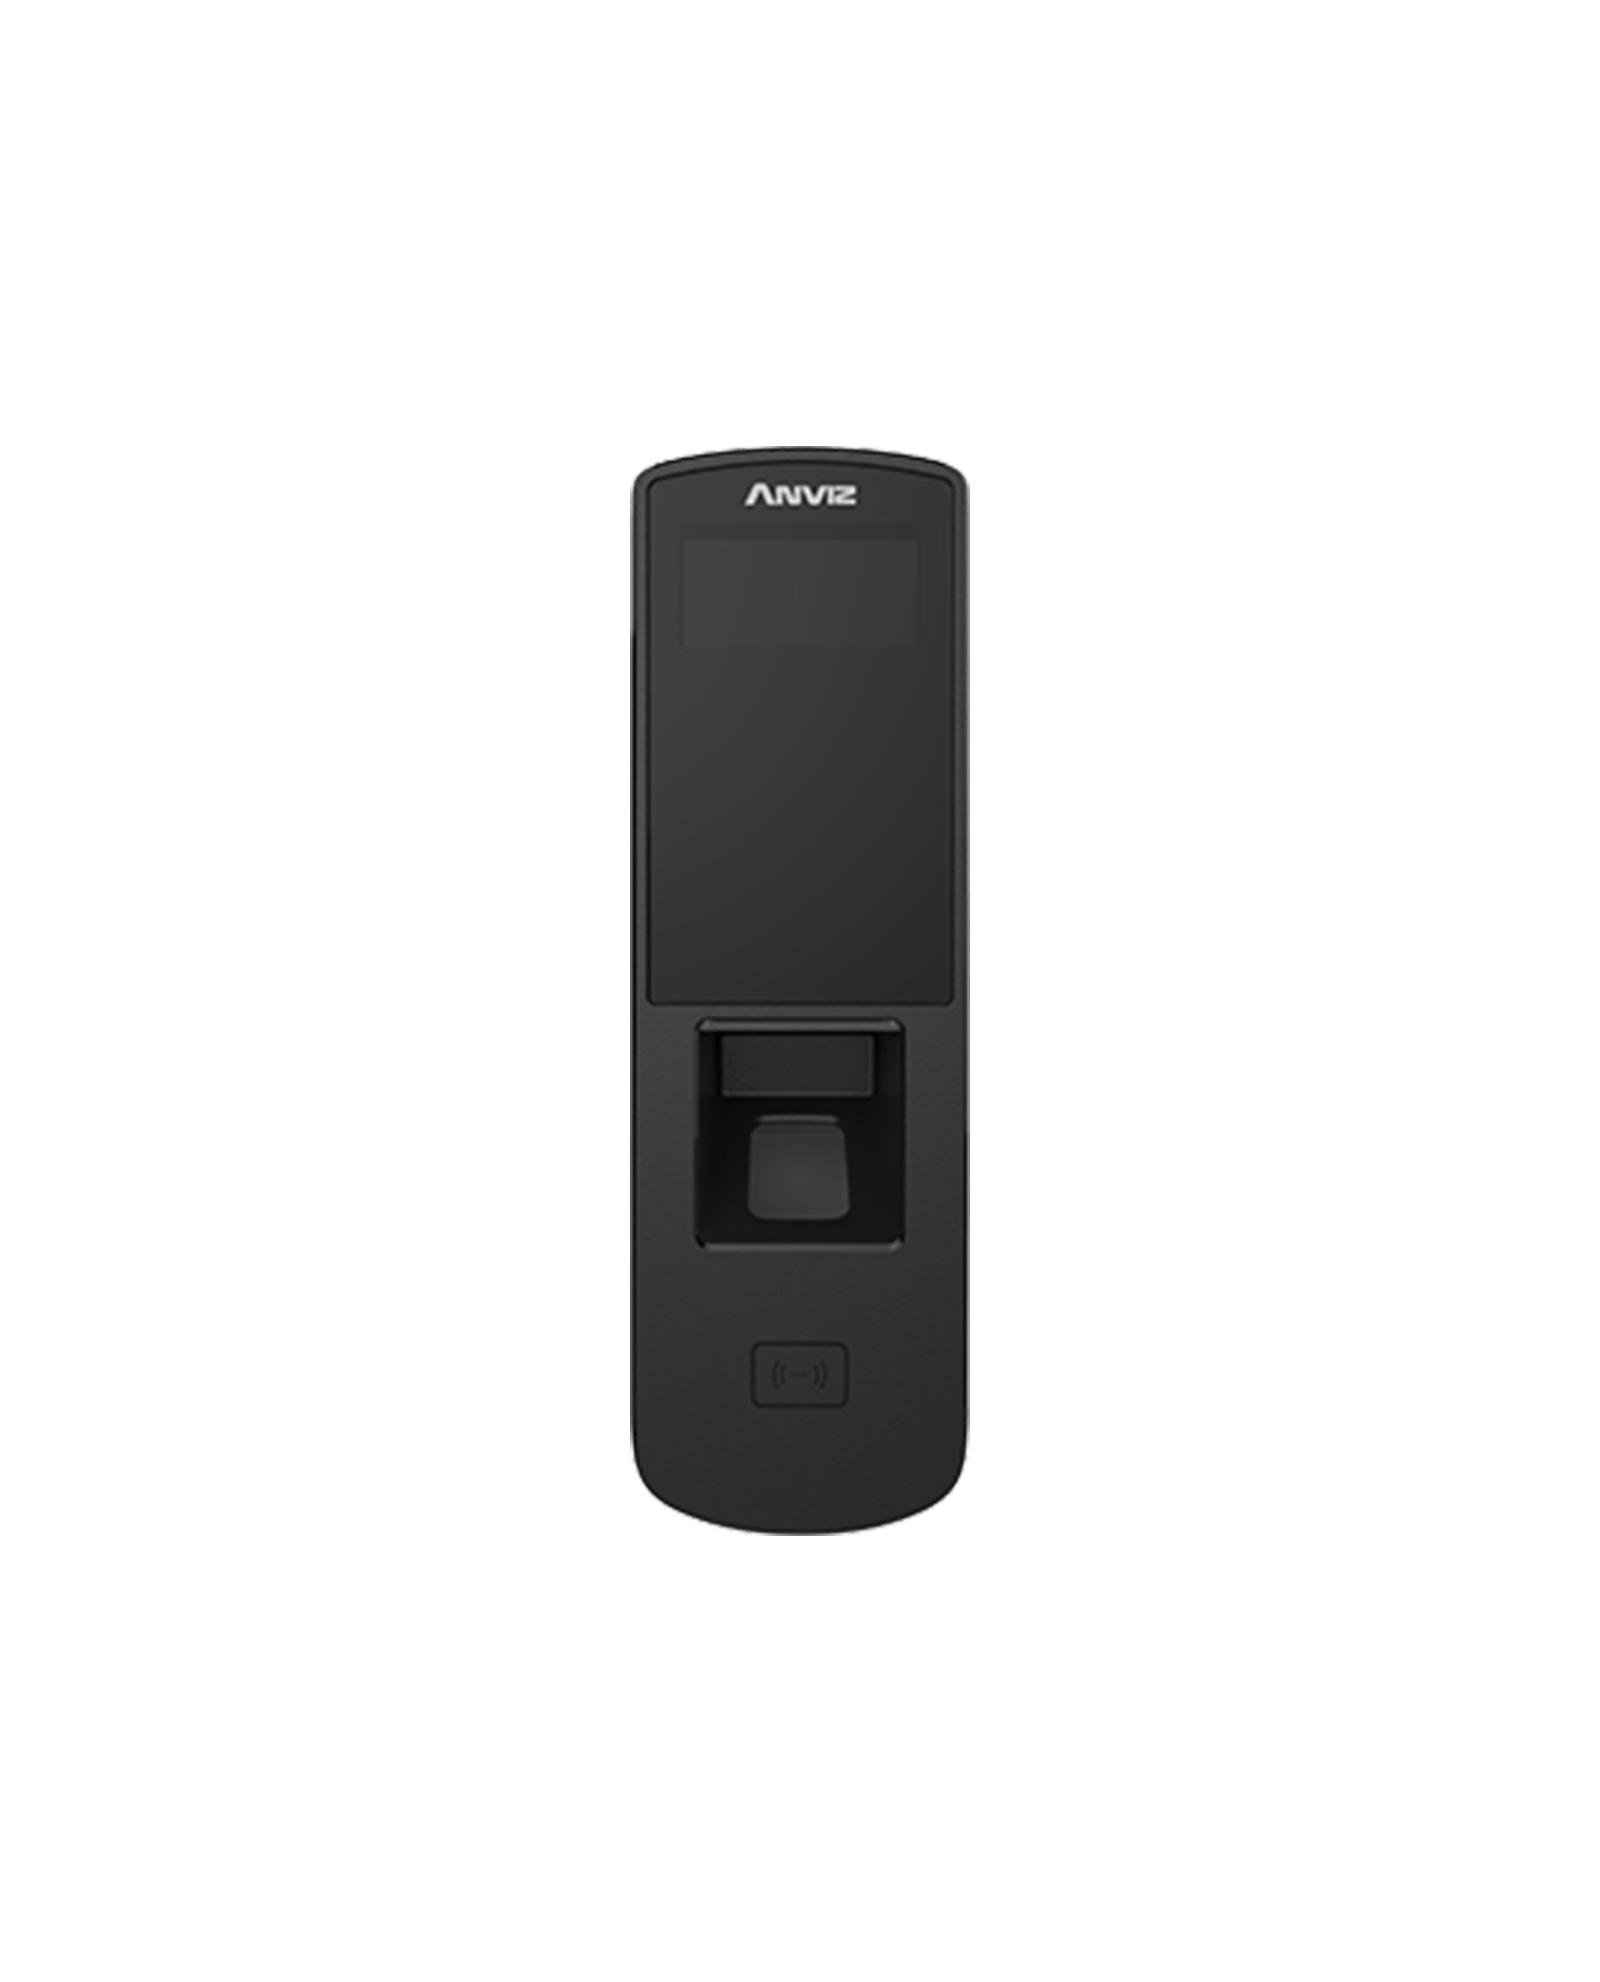 accesscontrol_proal3